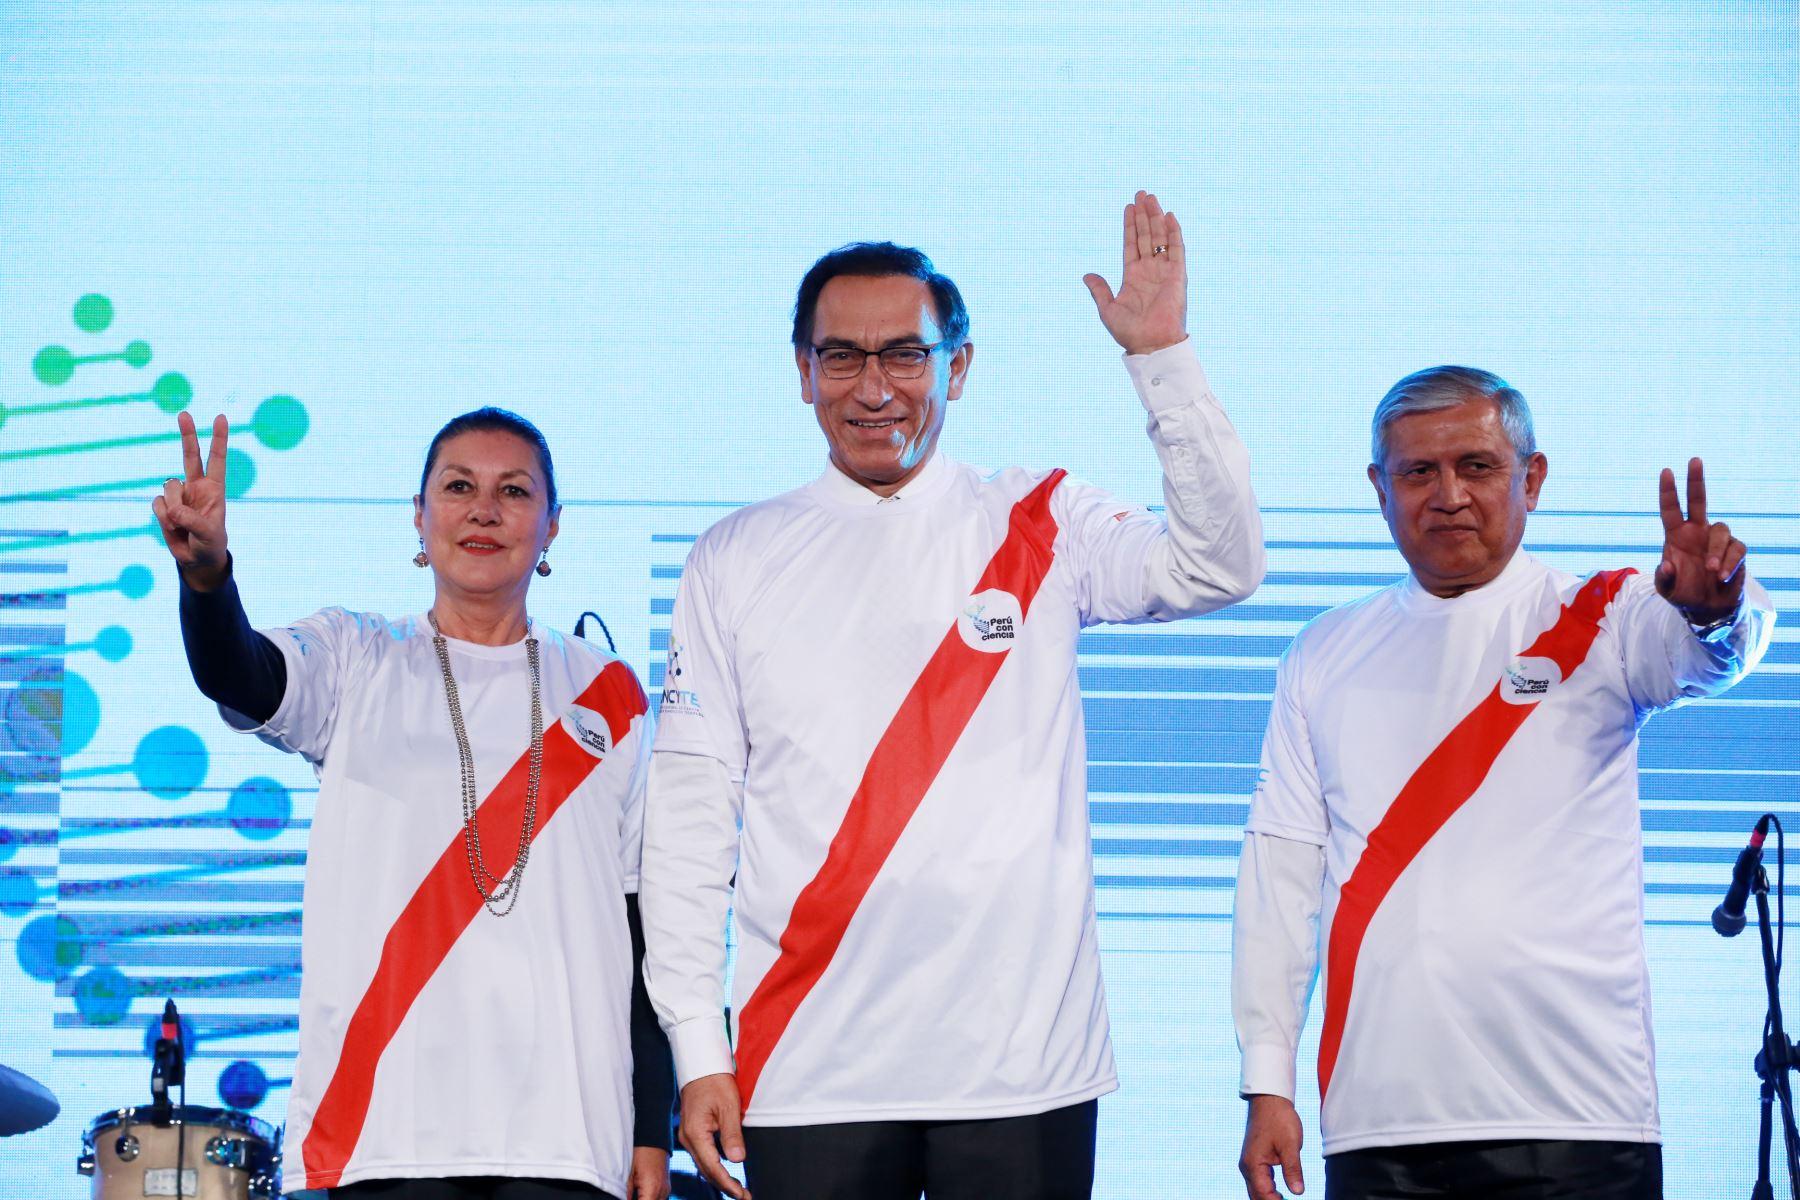 """Vicepresidente, Martin Vizcarra, inaugura """"Perú con Ciencia"""" organizada por CONCYTEC Foto: ANDINA/Dante Zegarra"""